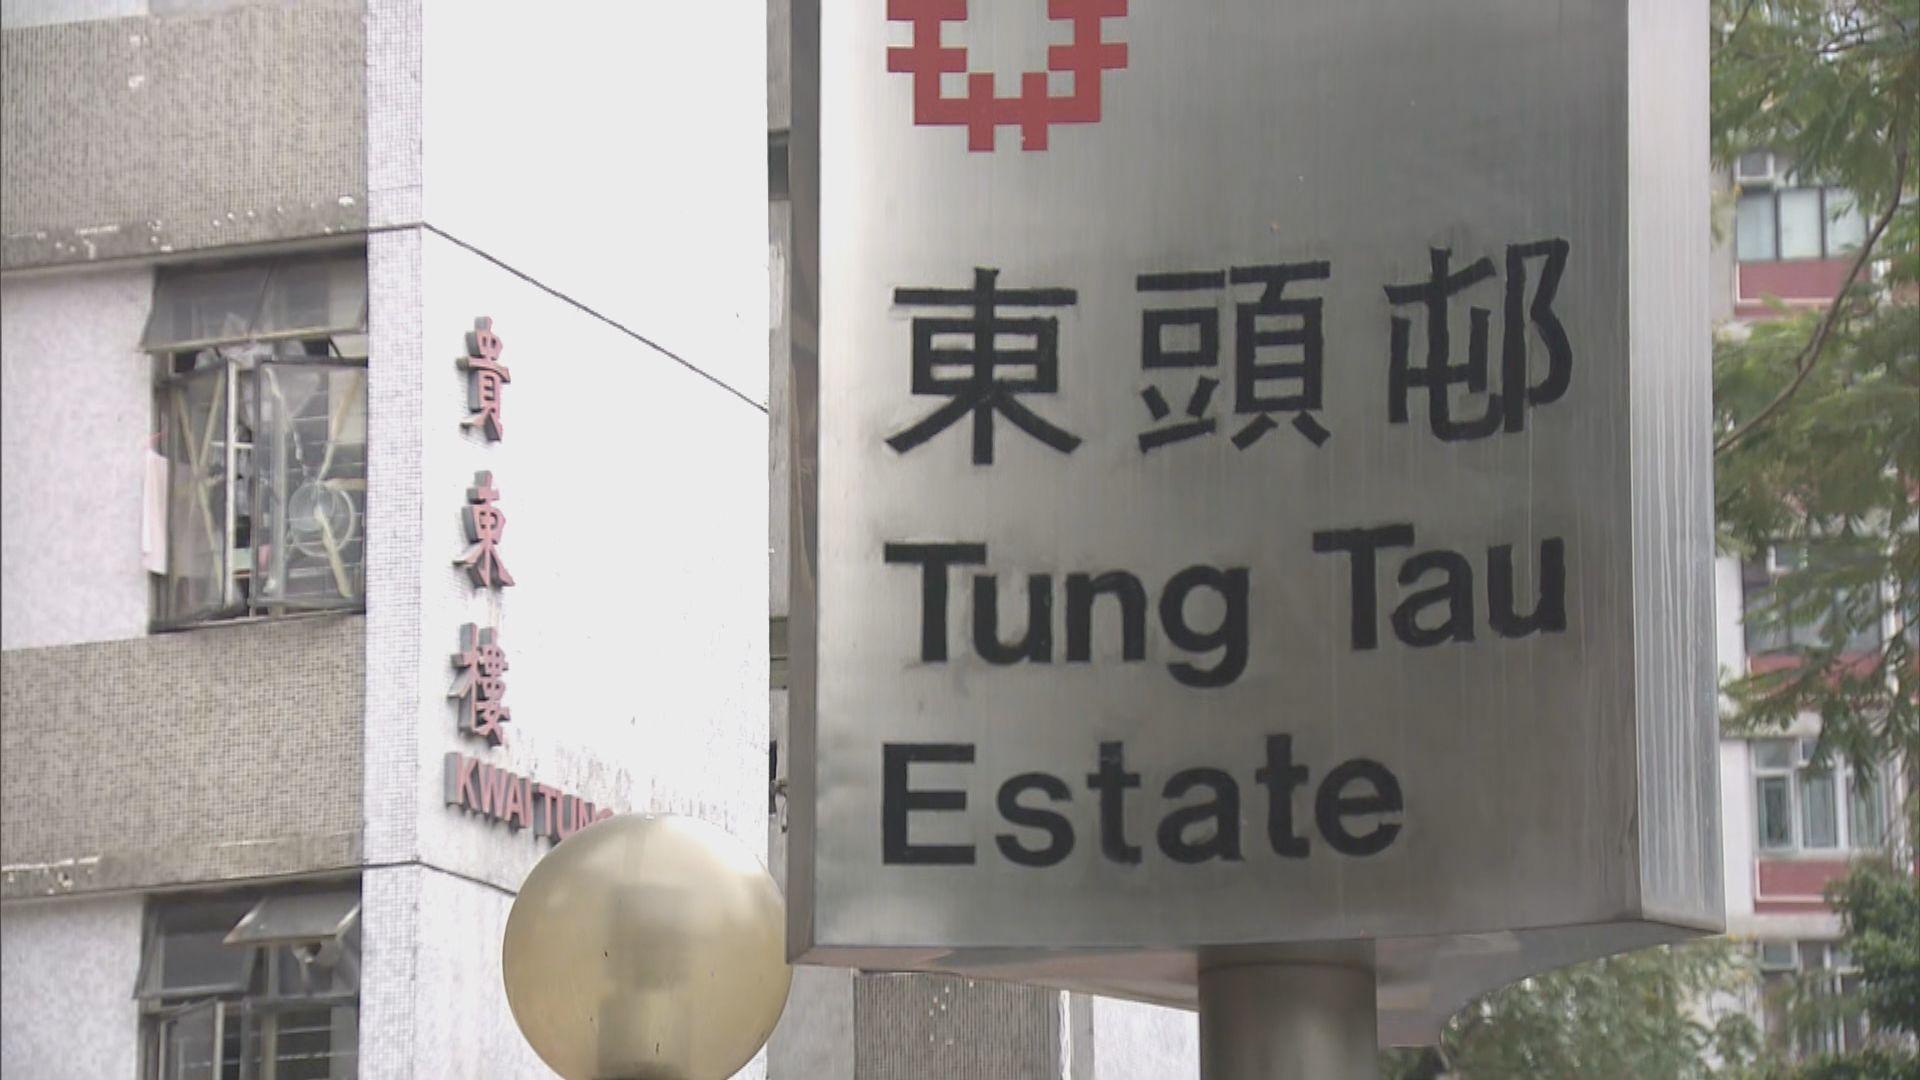 黃大仙東頭邨貴東樓四單位七人確診 部分找到感染源頭